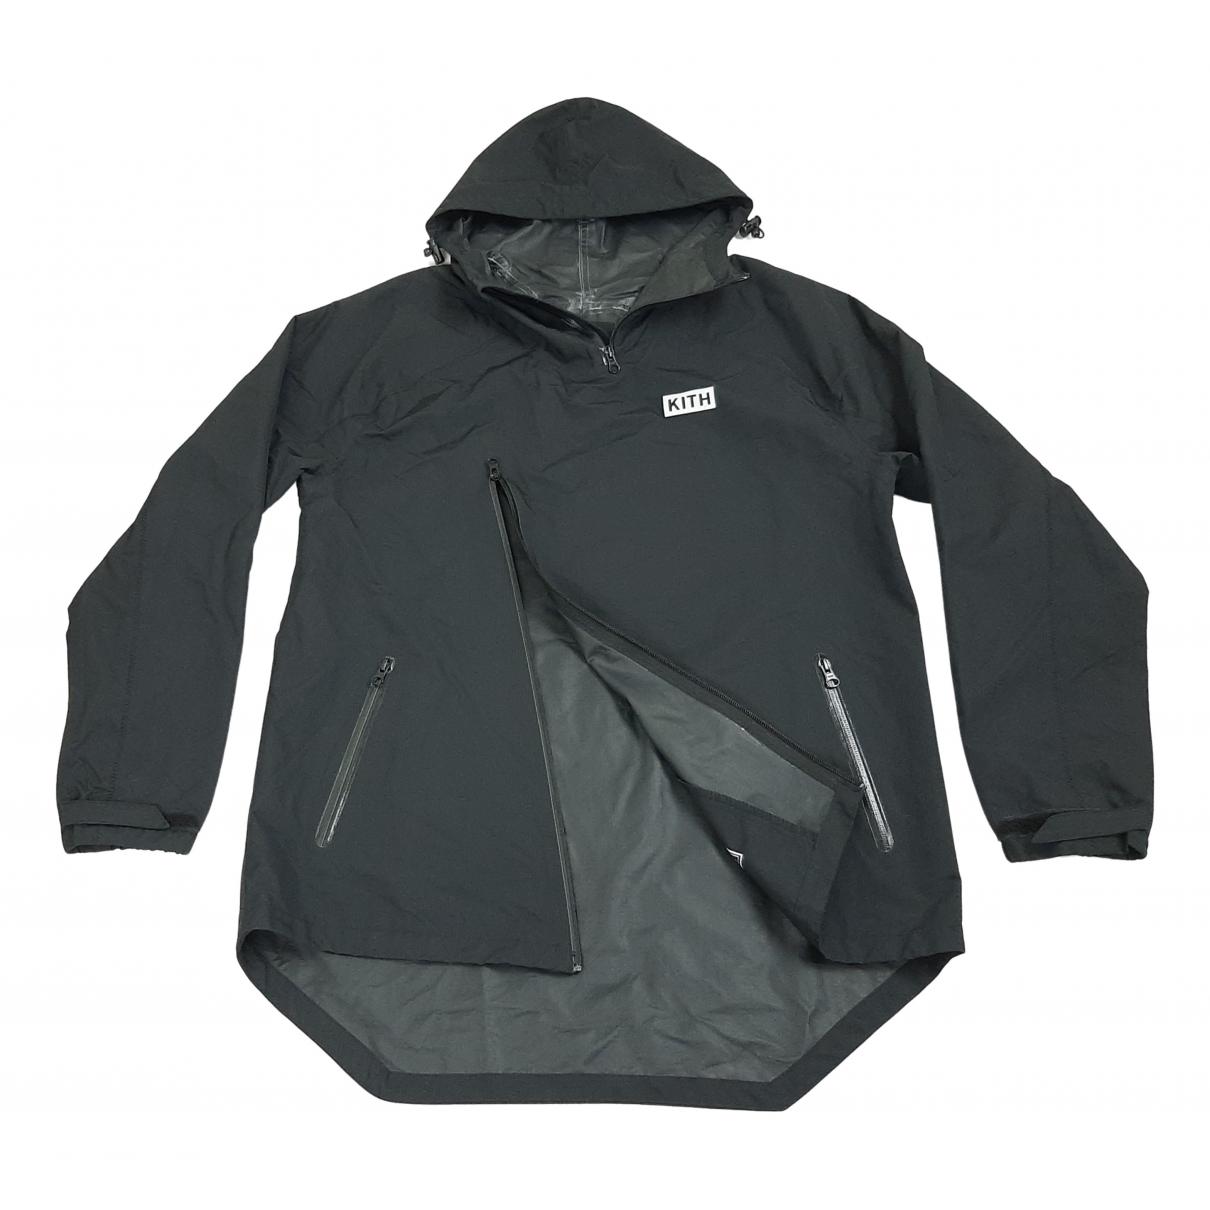 Kith - Manteau   pour homme - noir